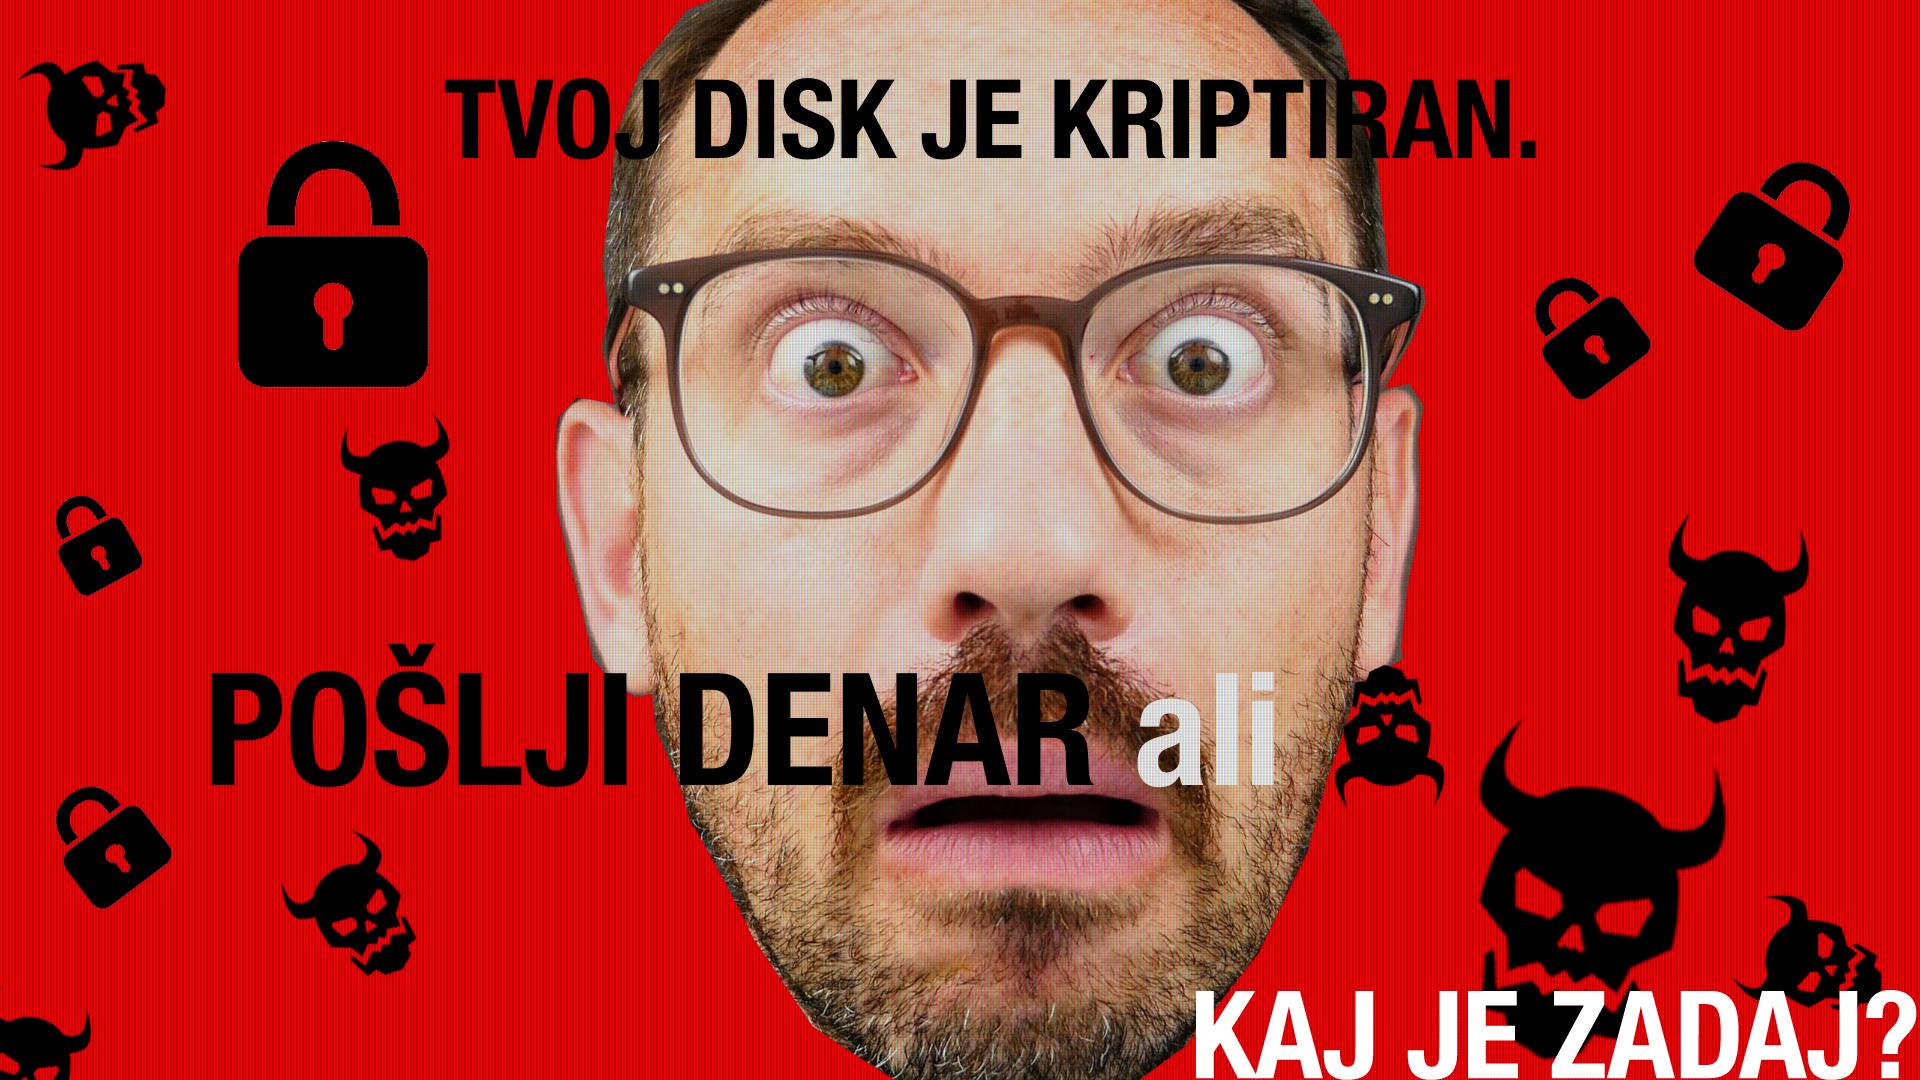 """Naslovna slika videa, na kateri je obraz Jožeta Robežnika in napis """"Tvoj disk je kriptiran, pošlji denar ali ..."""""""